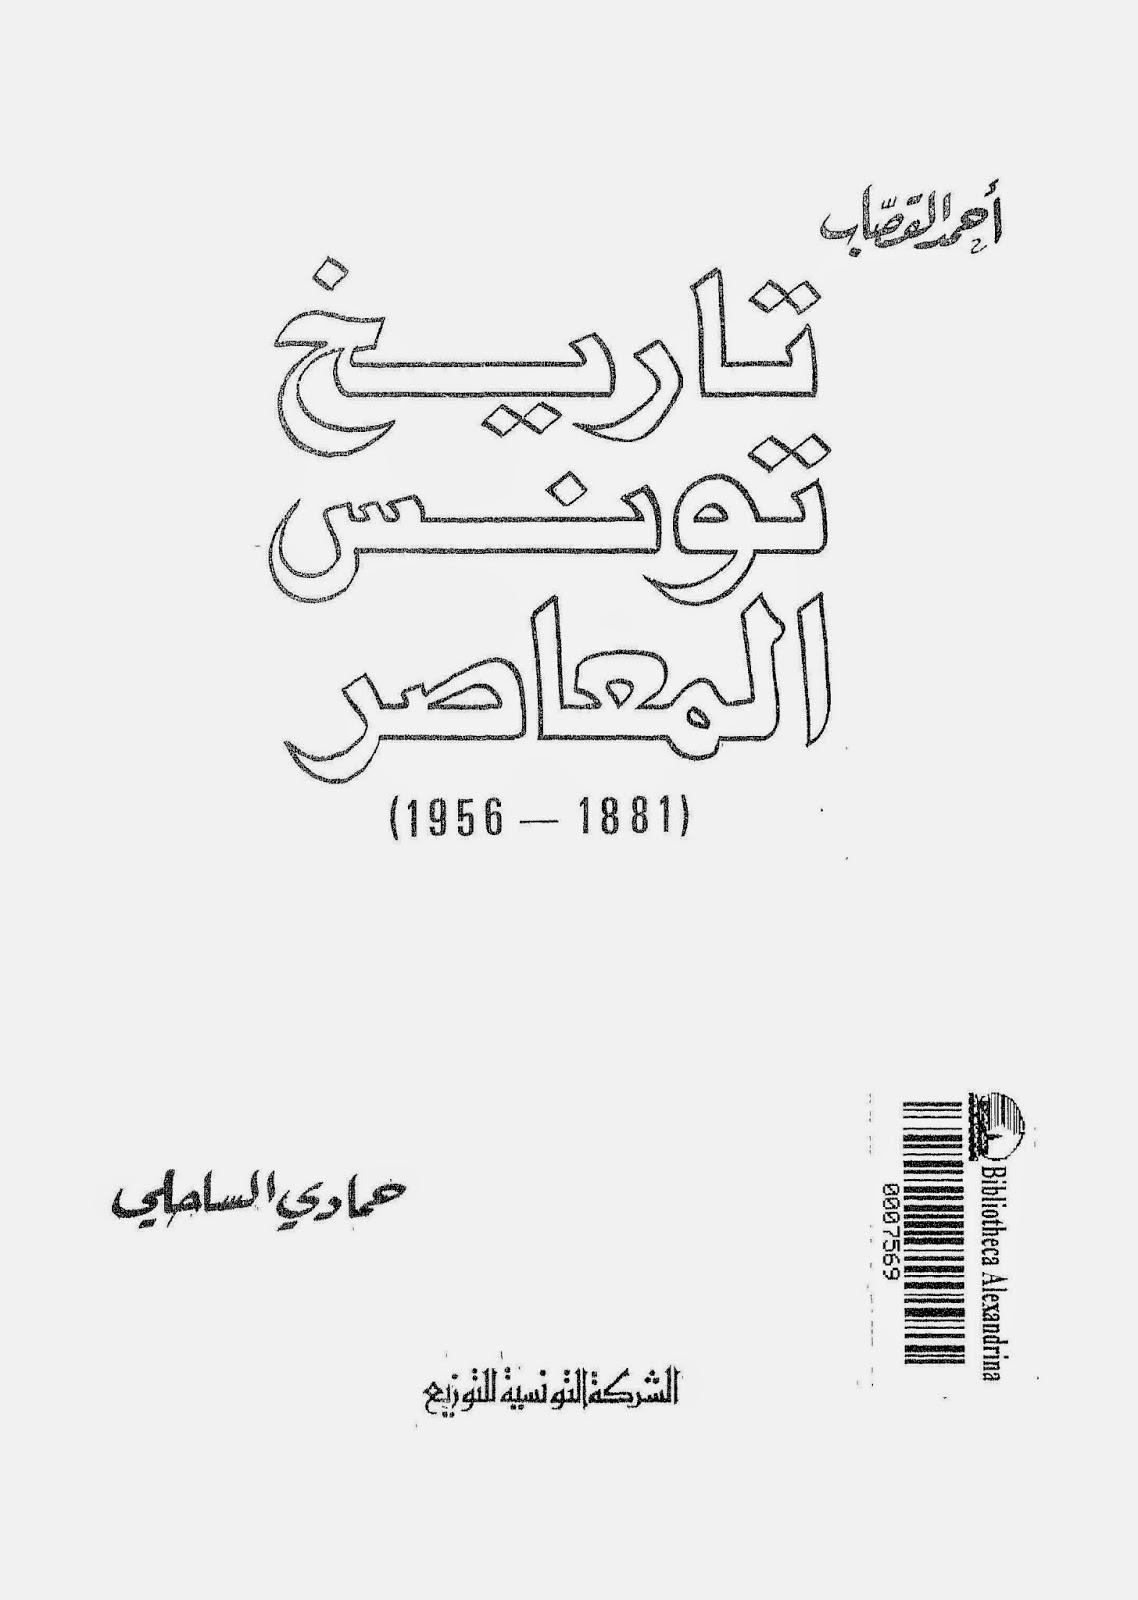 تاريخ تونس المعاصر ( 1881 - 1956) لـ أحمد القصاب